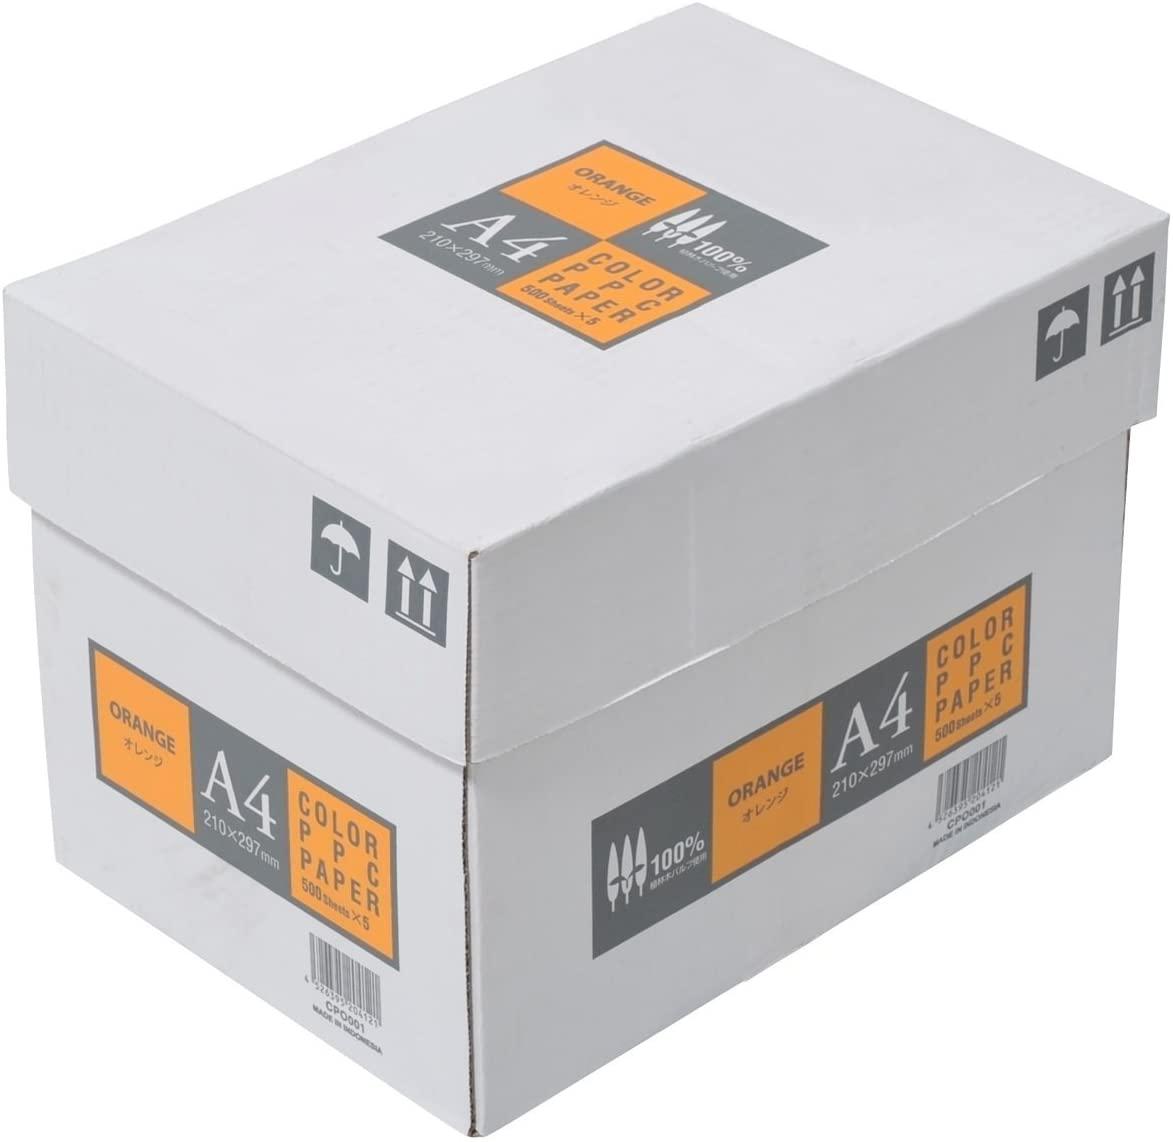 APPJ カラーコピー用紙 オレンジ A4 5000枚 (500枚×10〆)沖縄は9800円以上 送料無料画像